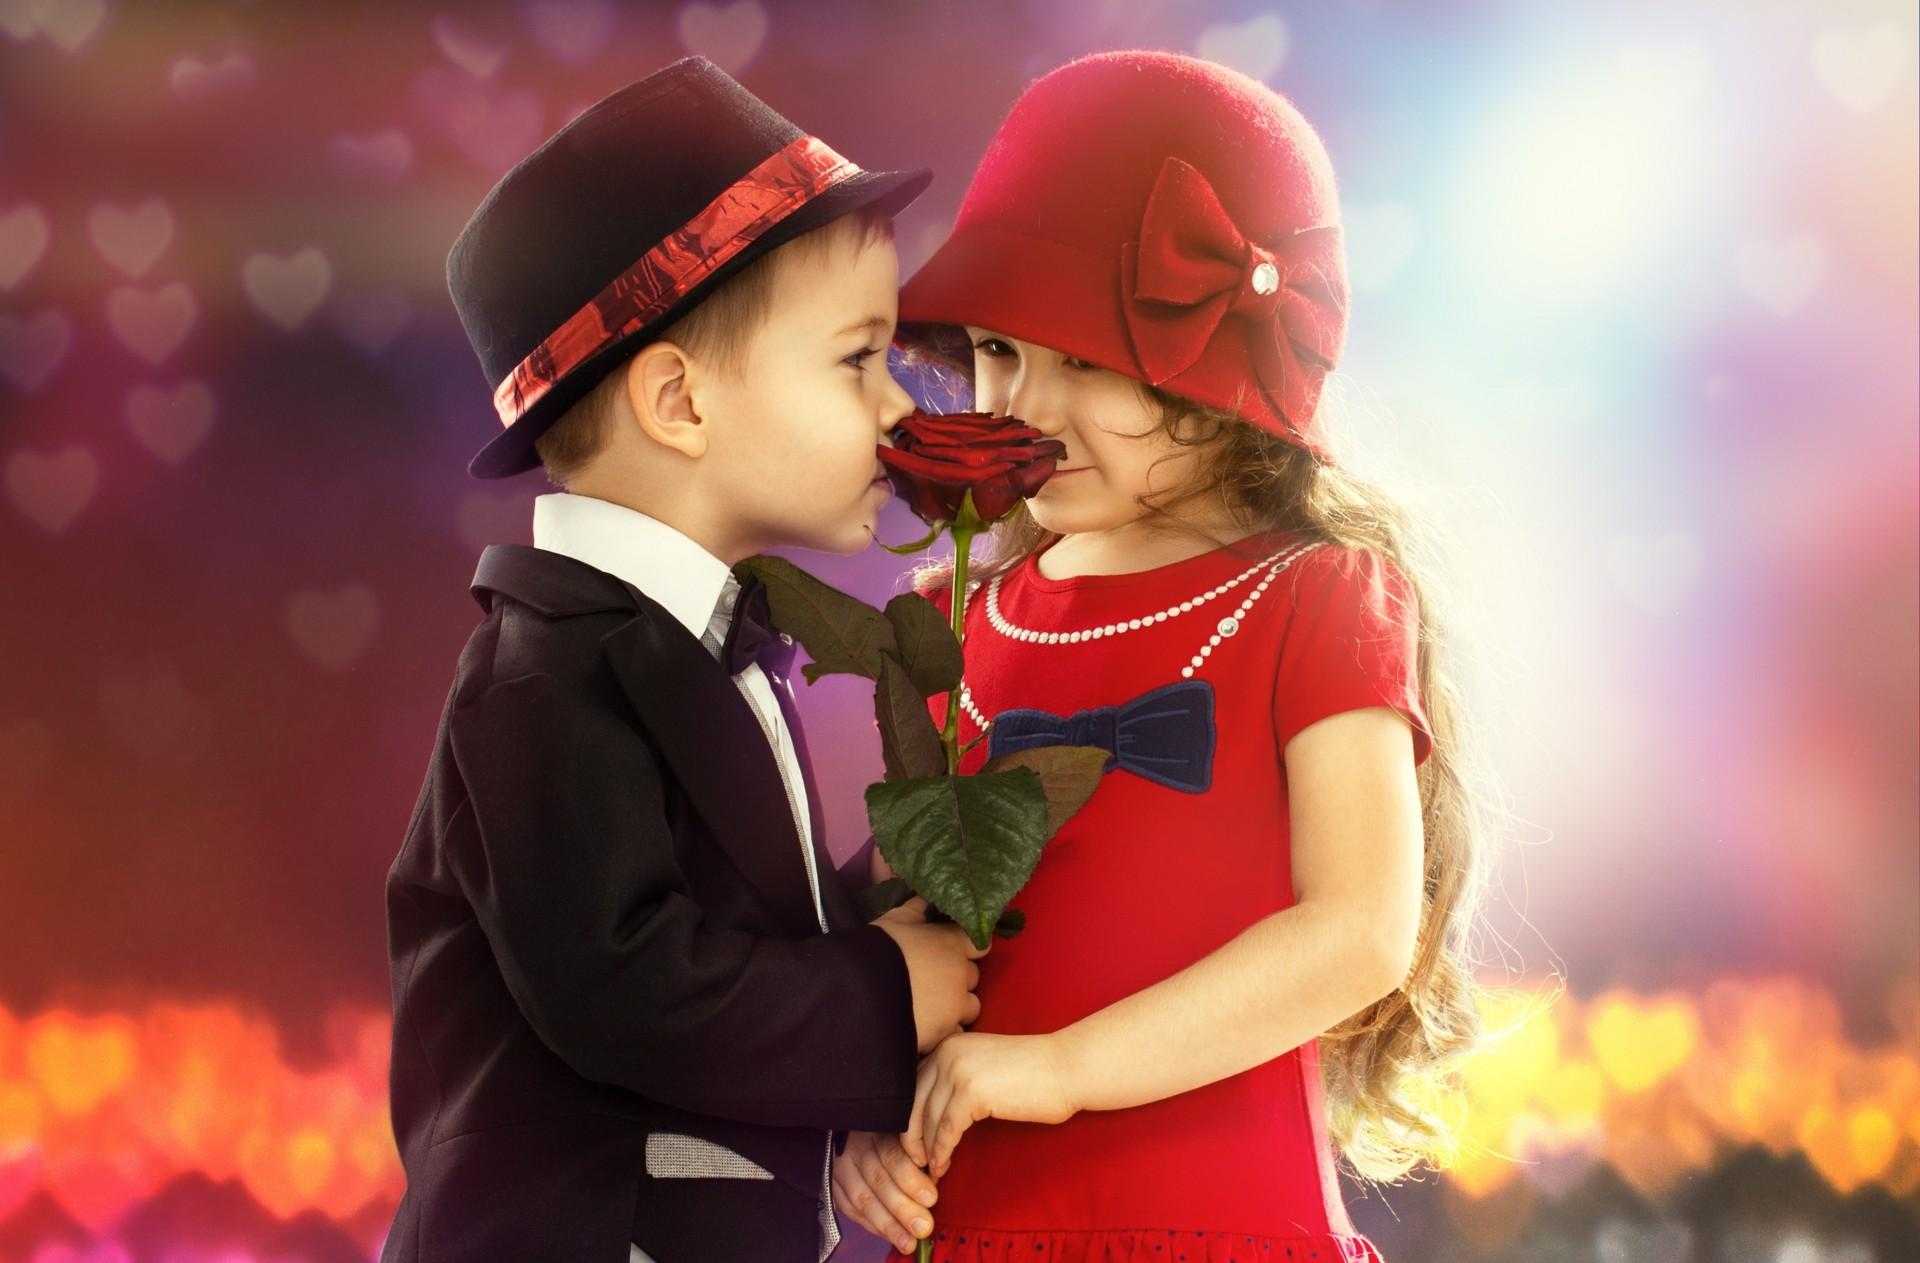 Картинки про любовь девушка и мальчик, картинки как сделать